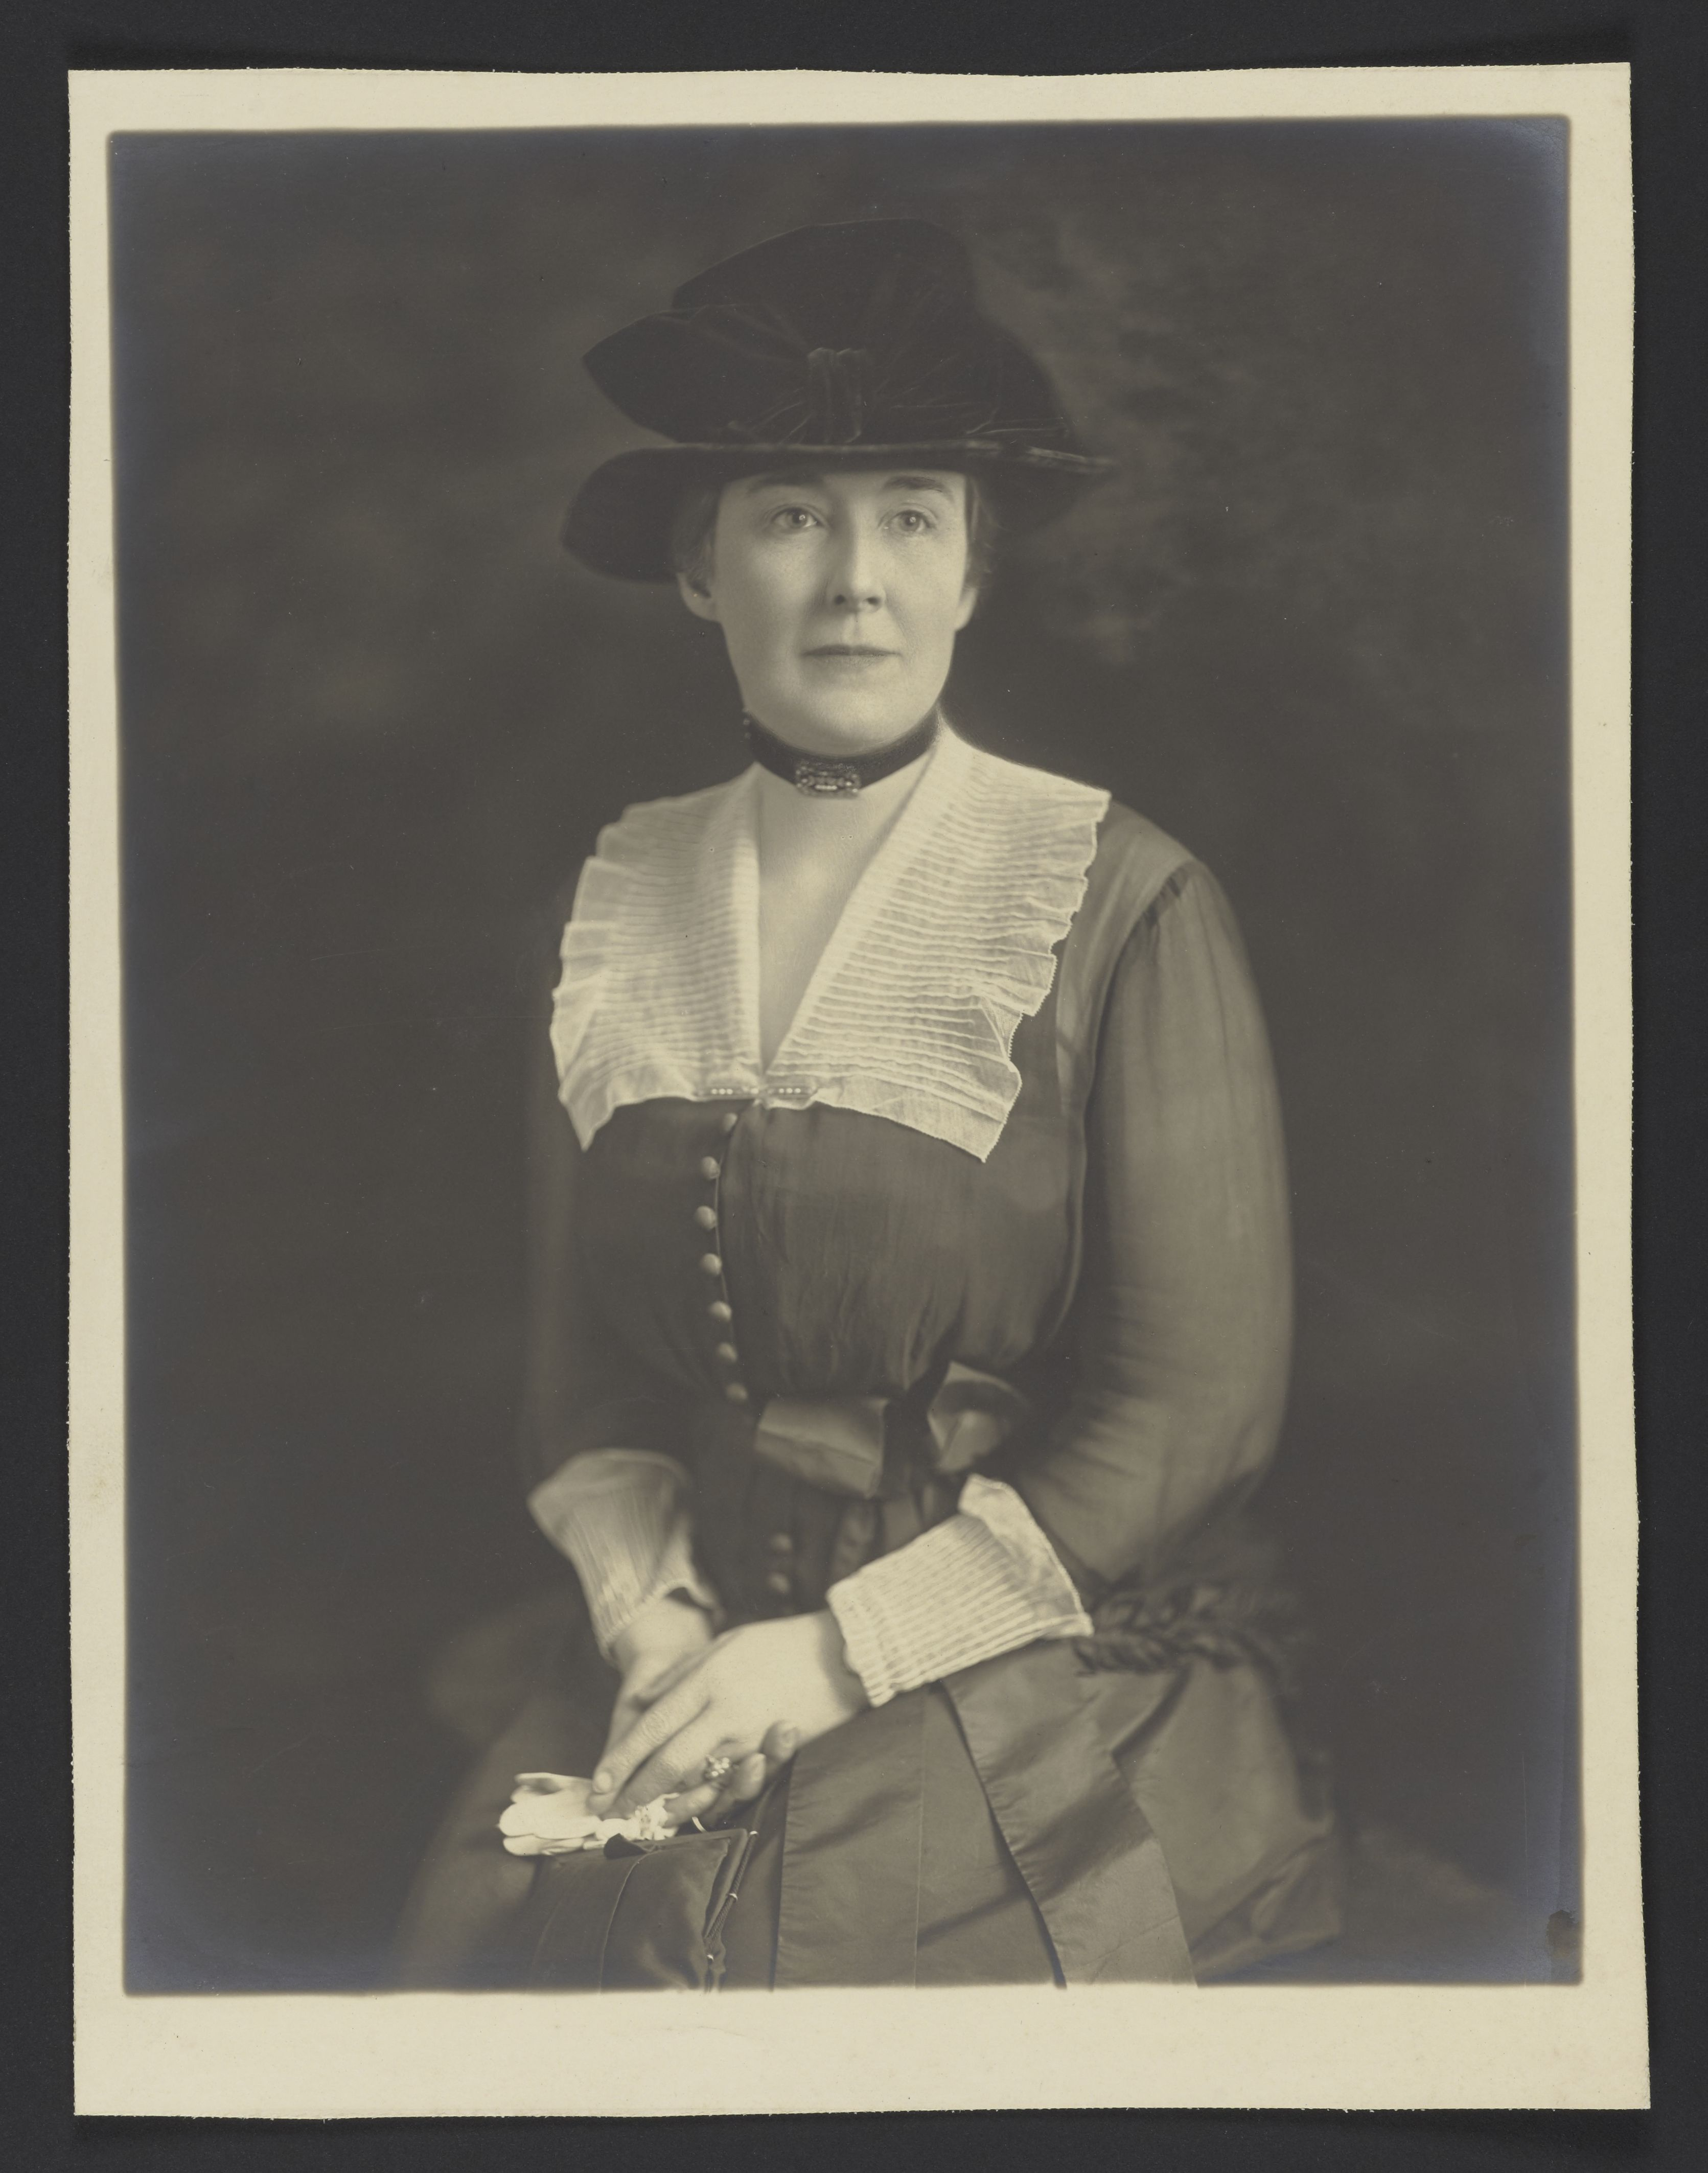 Carrie Fulton Phillips